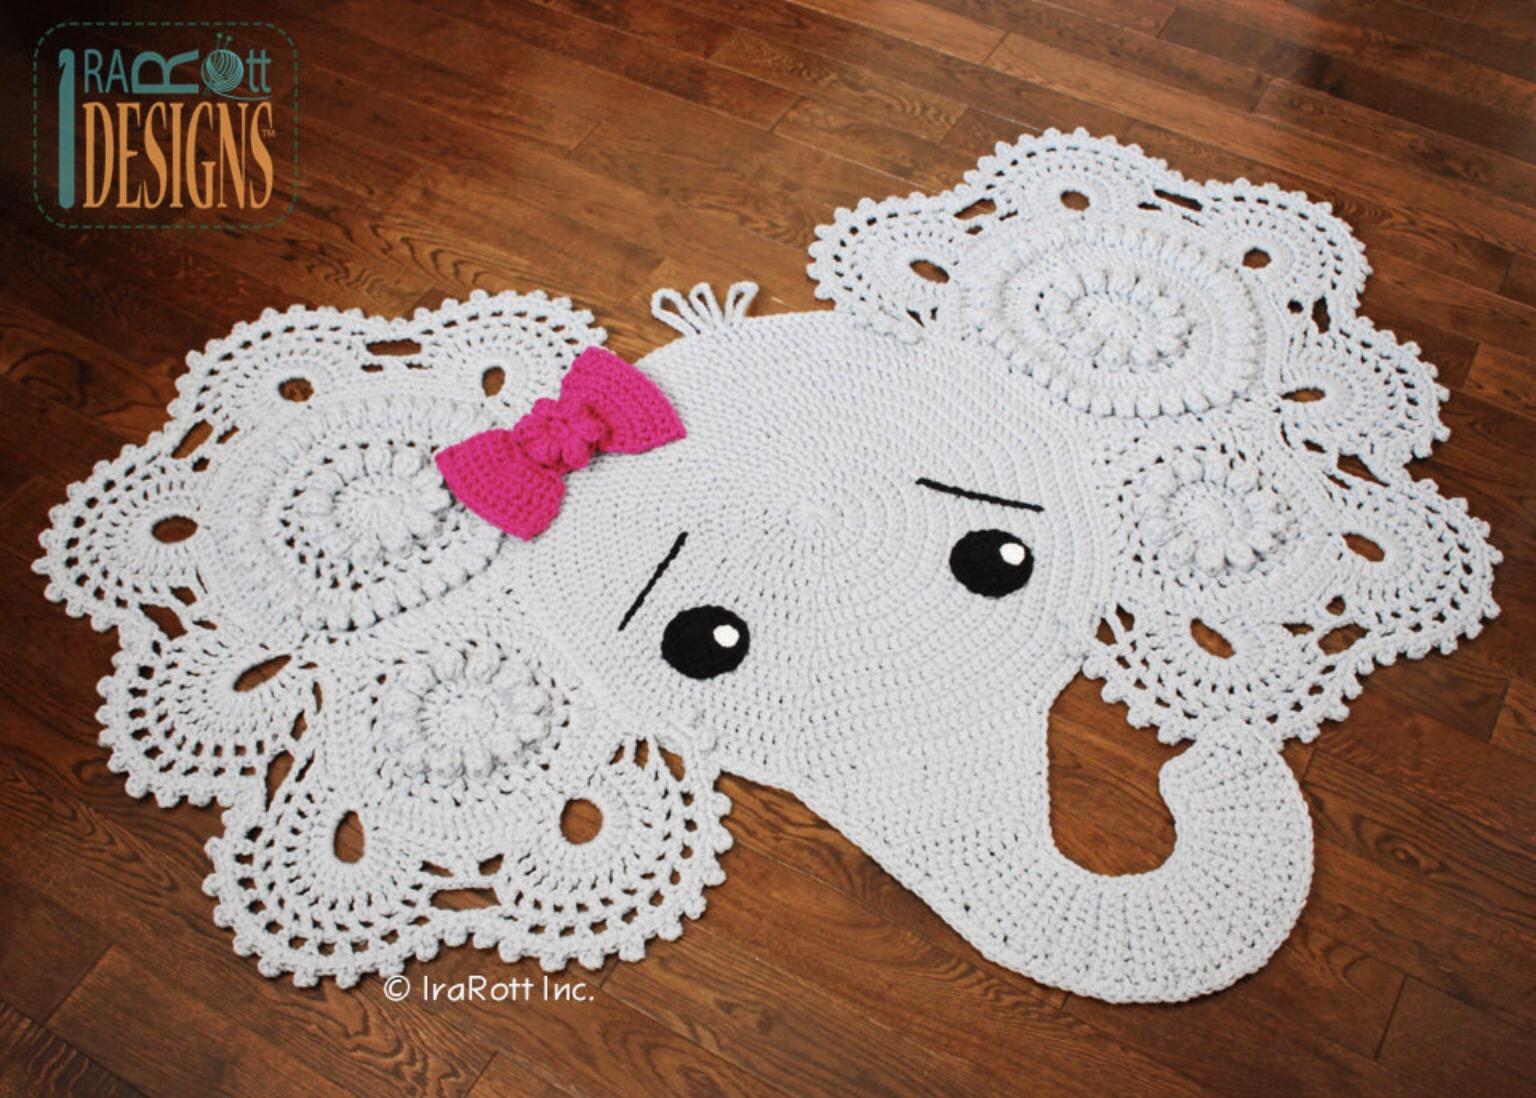 Elephant Pillow Free Crochet Pattern | Häkelelefanten muster ... | 1098x1536